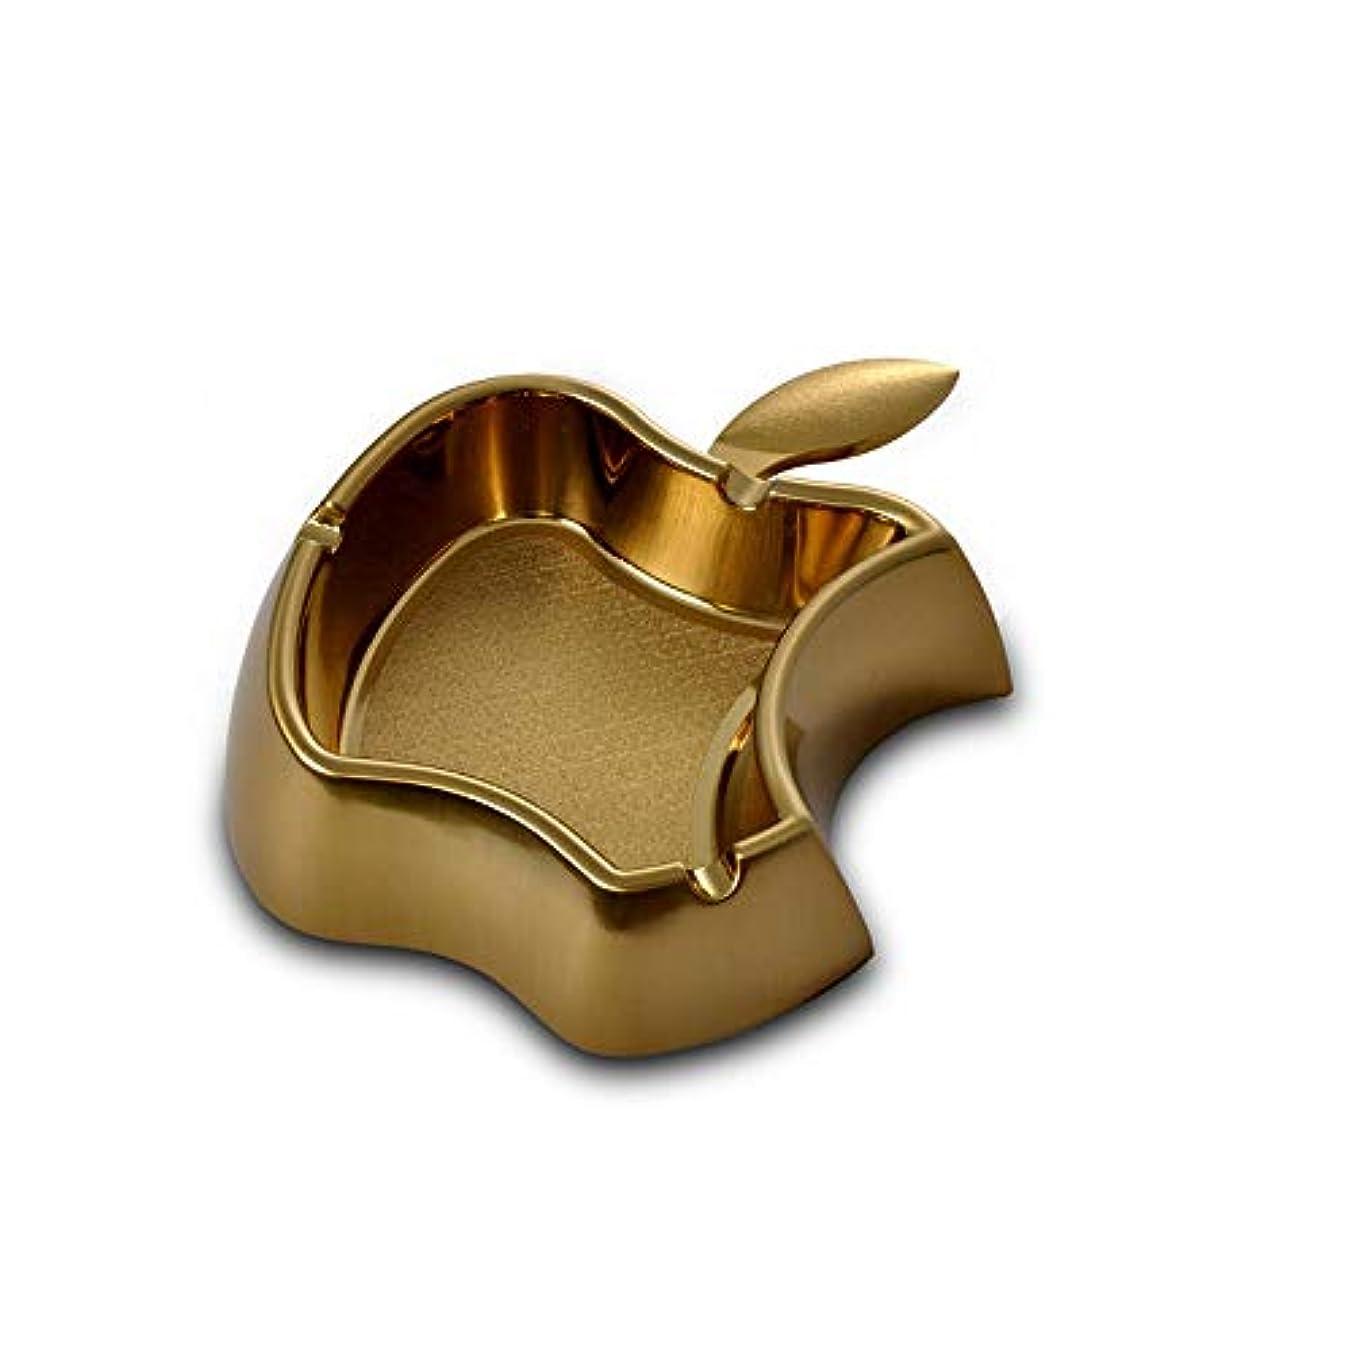 フラスコ海港スポーツクリエイティブアップルメタル灰皿シンプルな灰皿耐火ドロップ灰皿 (色 : ゴールド)